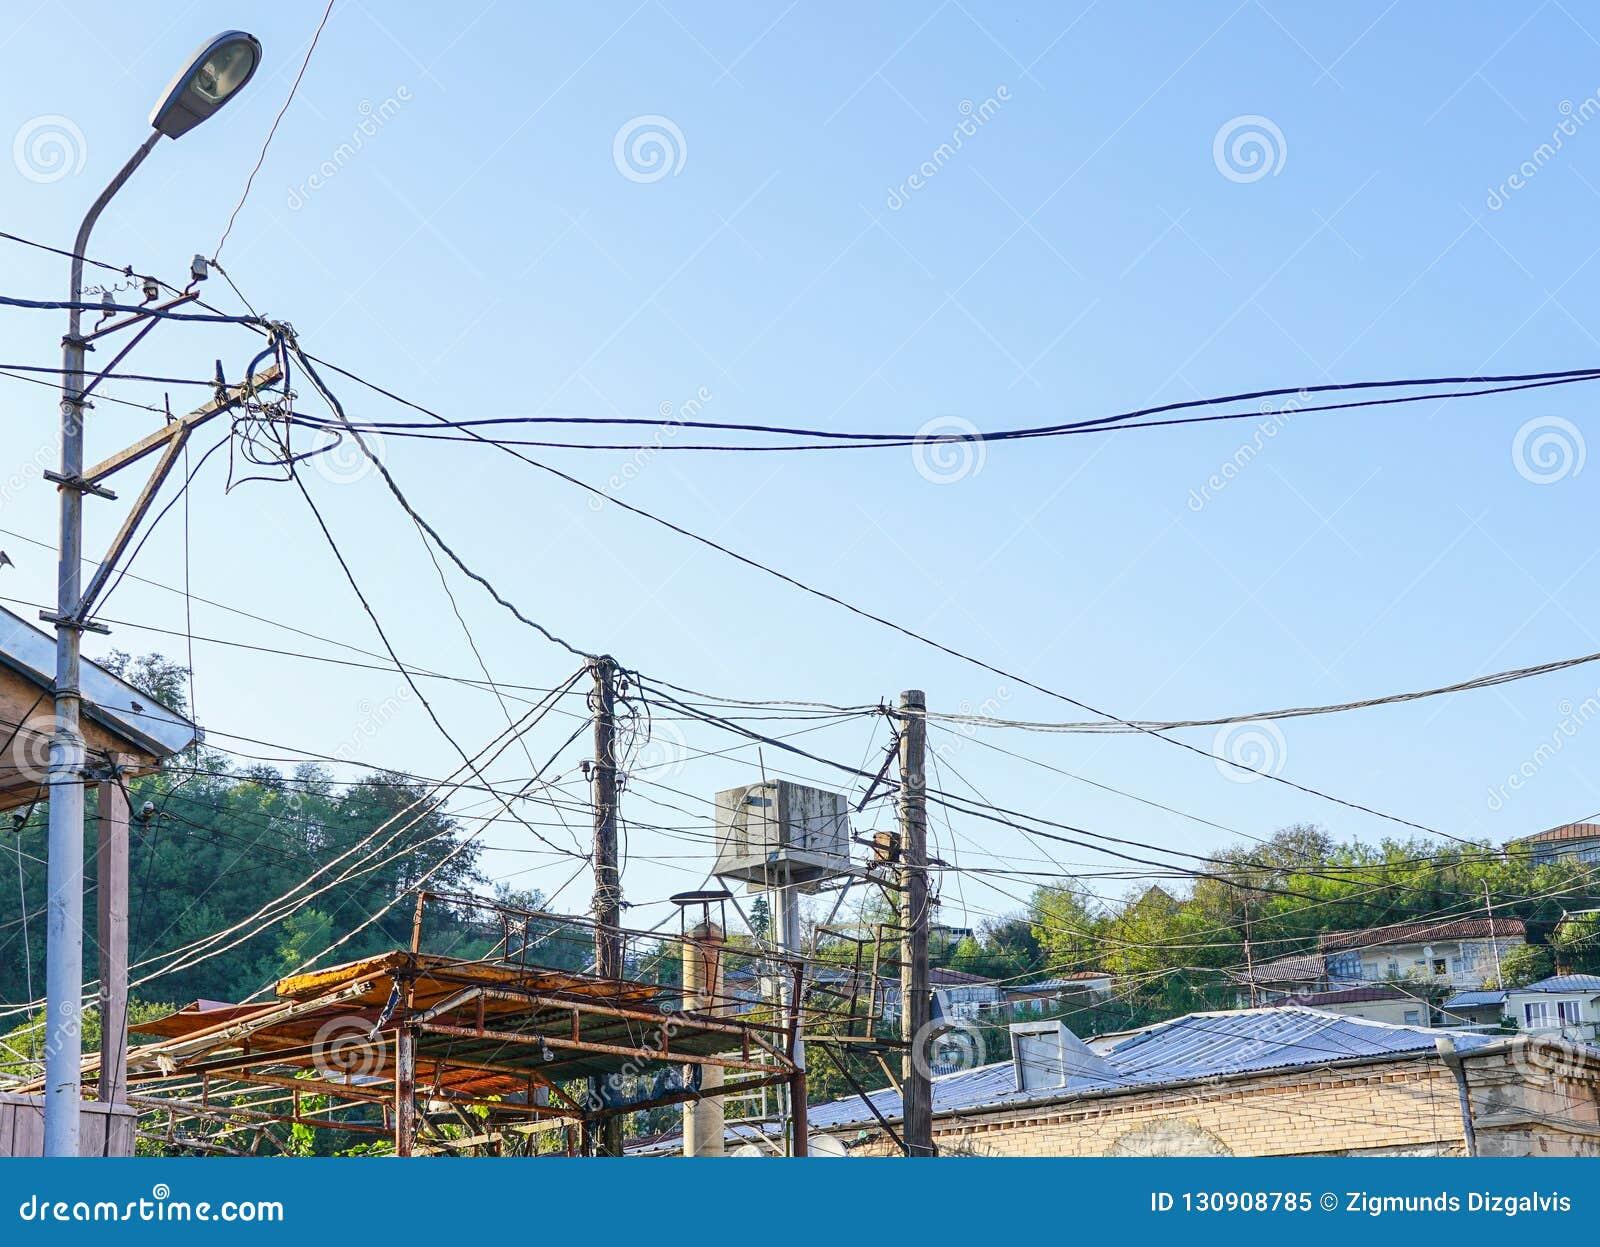 有许多电供应导线或缆绳的老点燃的岗位电话通信的